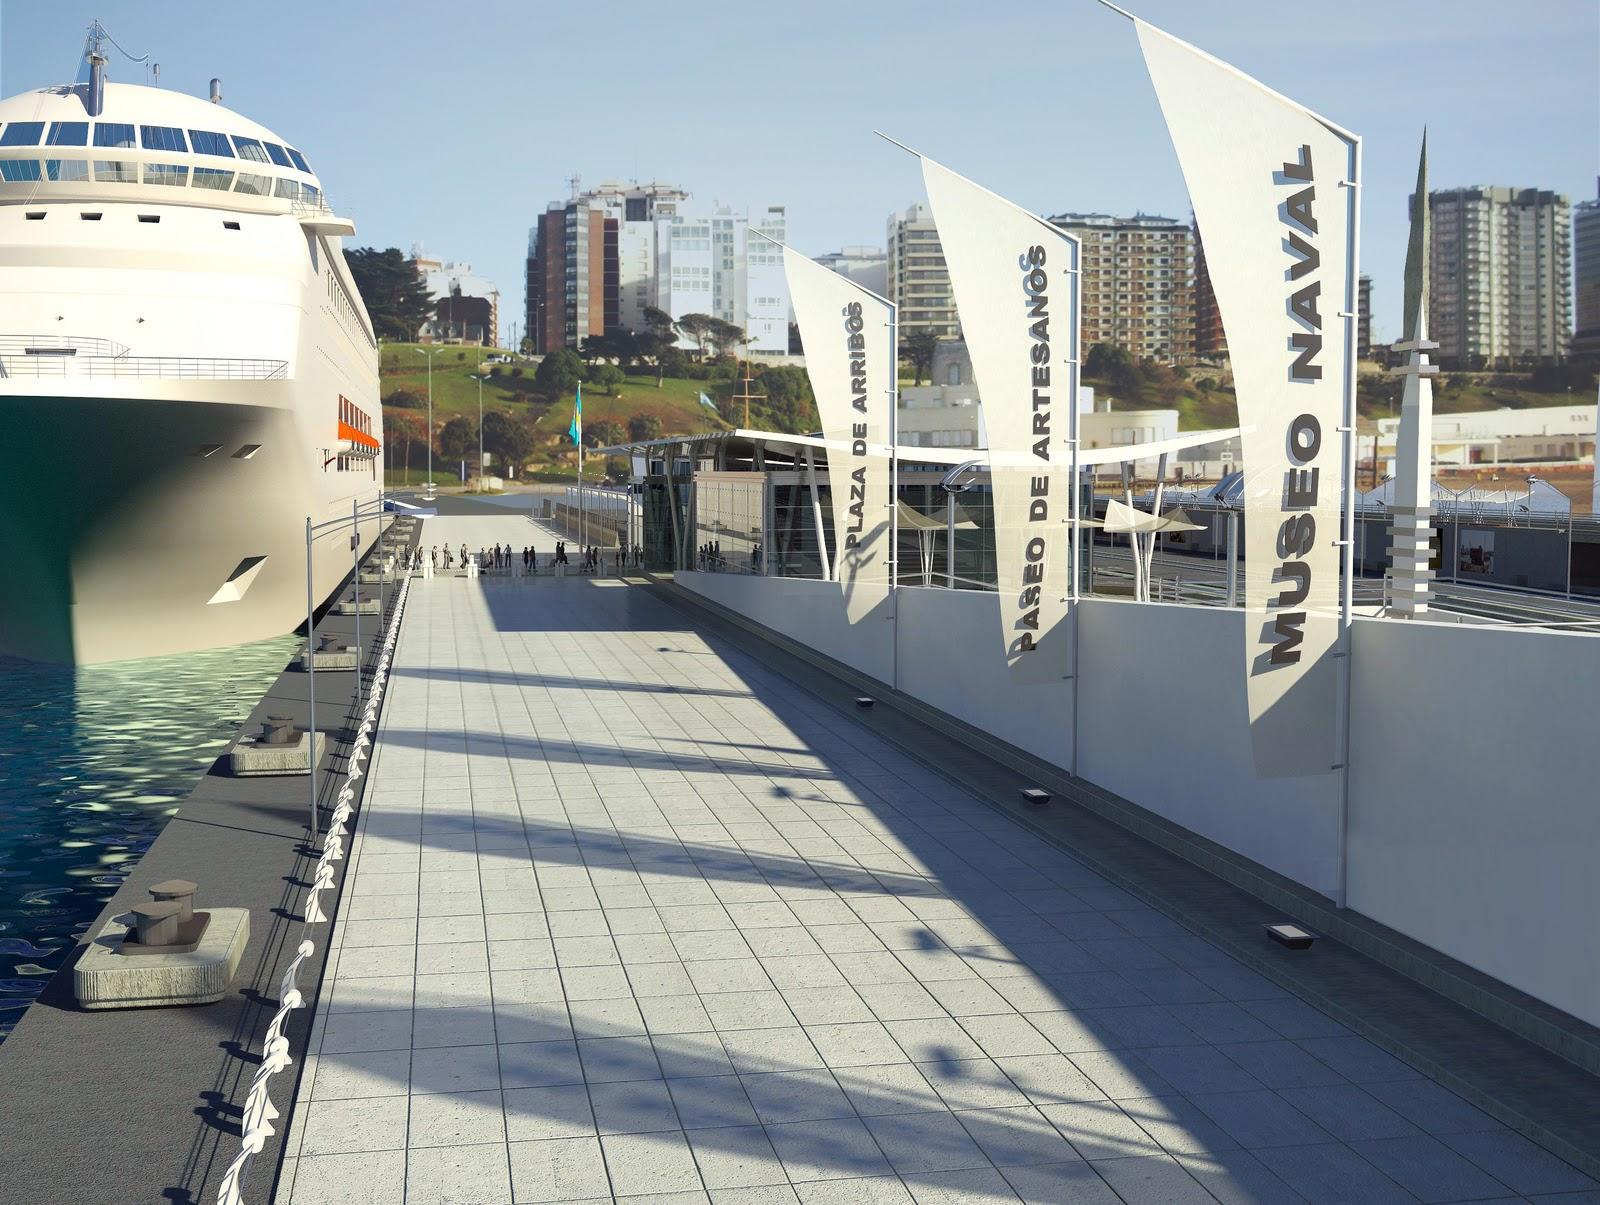 R e n f i s arquitectura digital terminal de cruceros for Estudios de arquitectura la plata